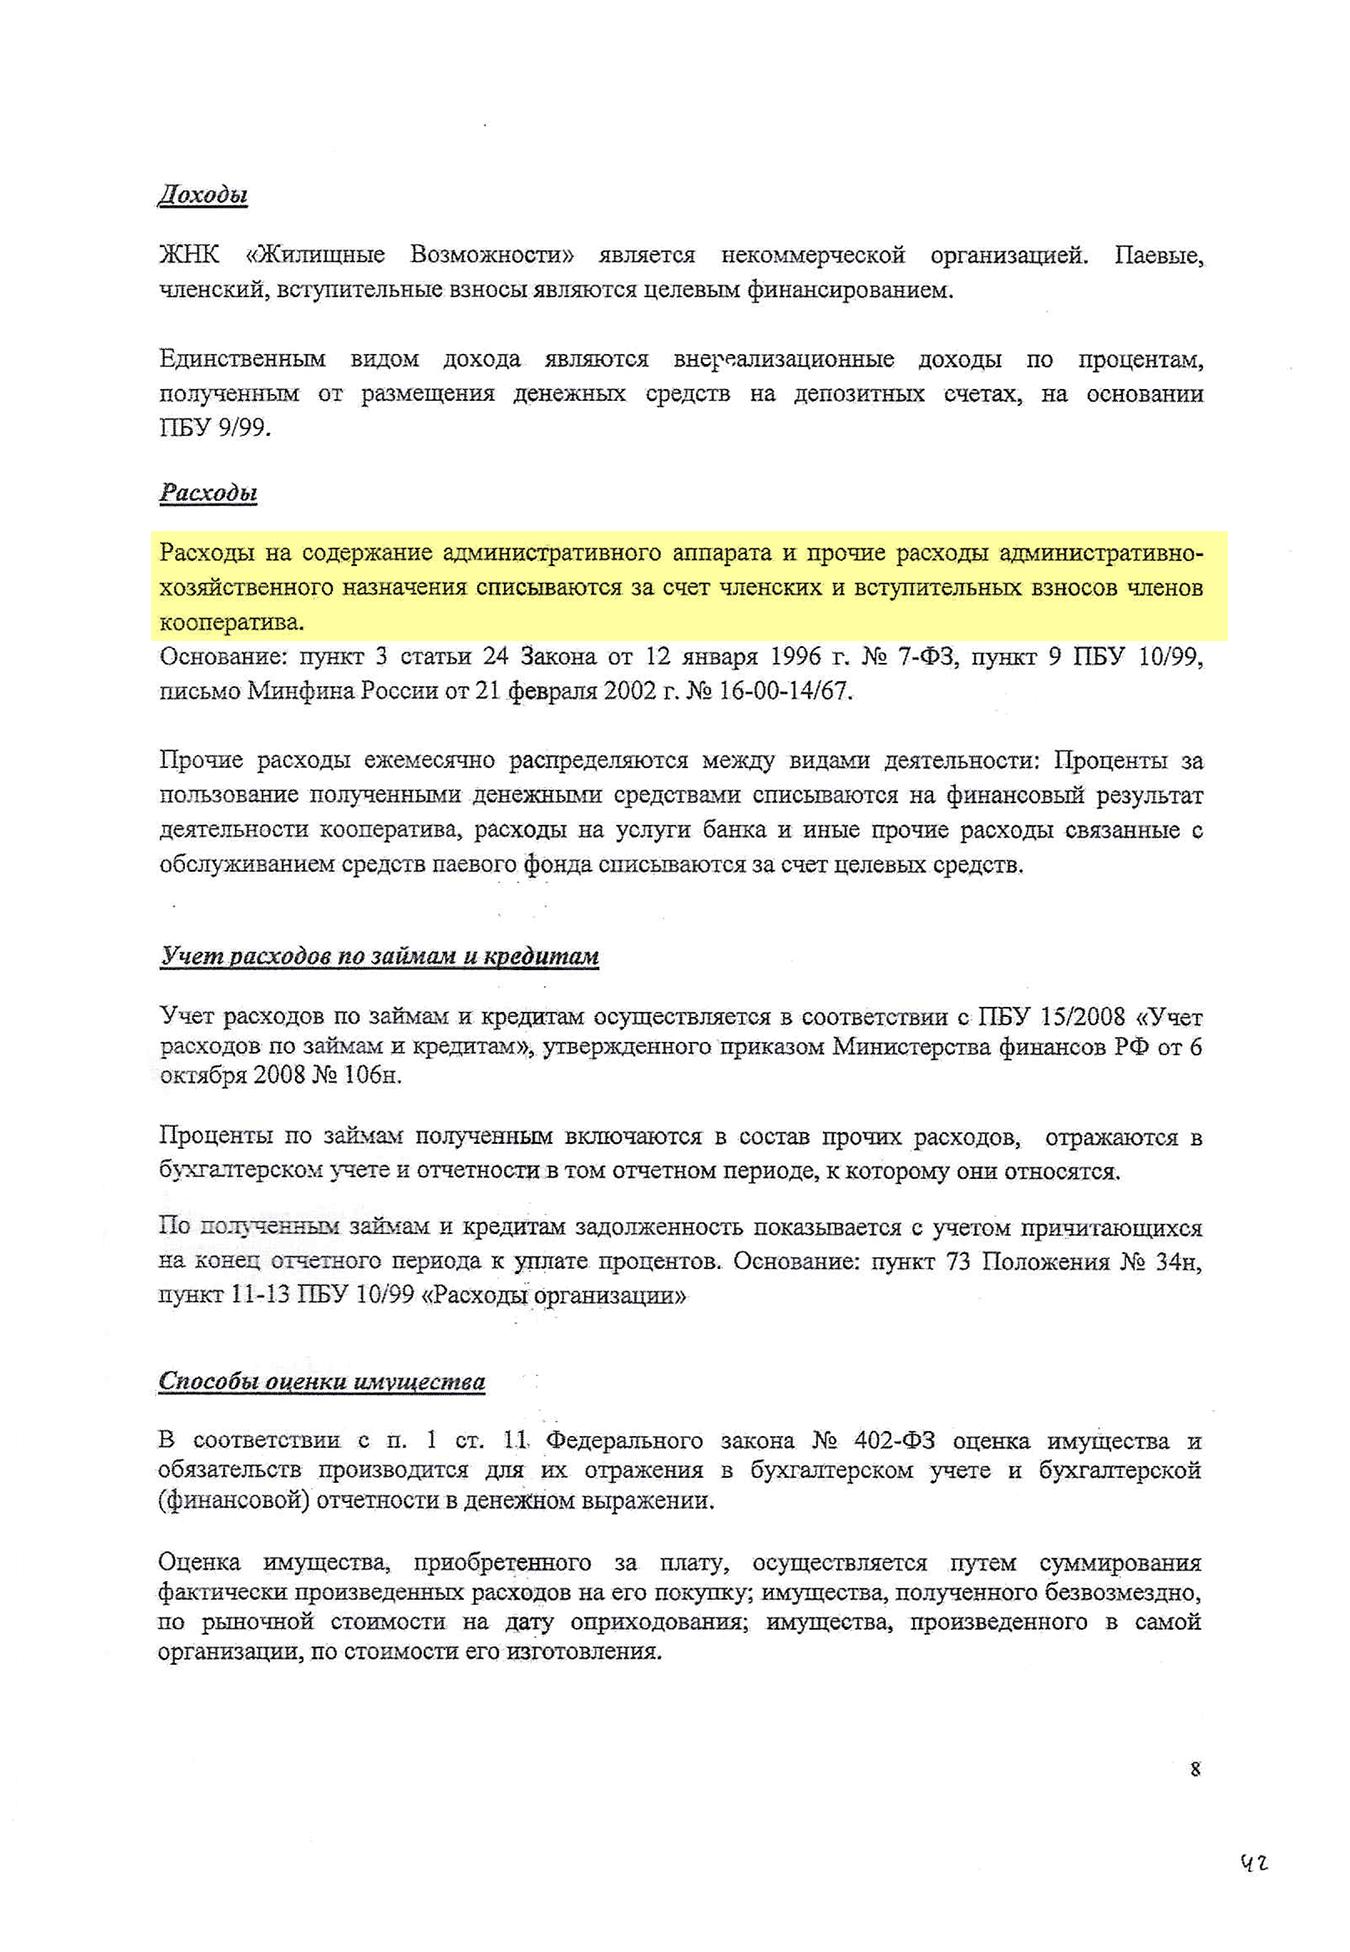 Убедилась, что кооператив тратит деньги пайщиков по закону: внутренние расходы покрывает членскими взносами, а на паевые взносы покупает квартиры